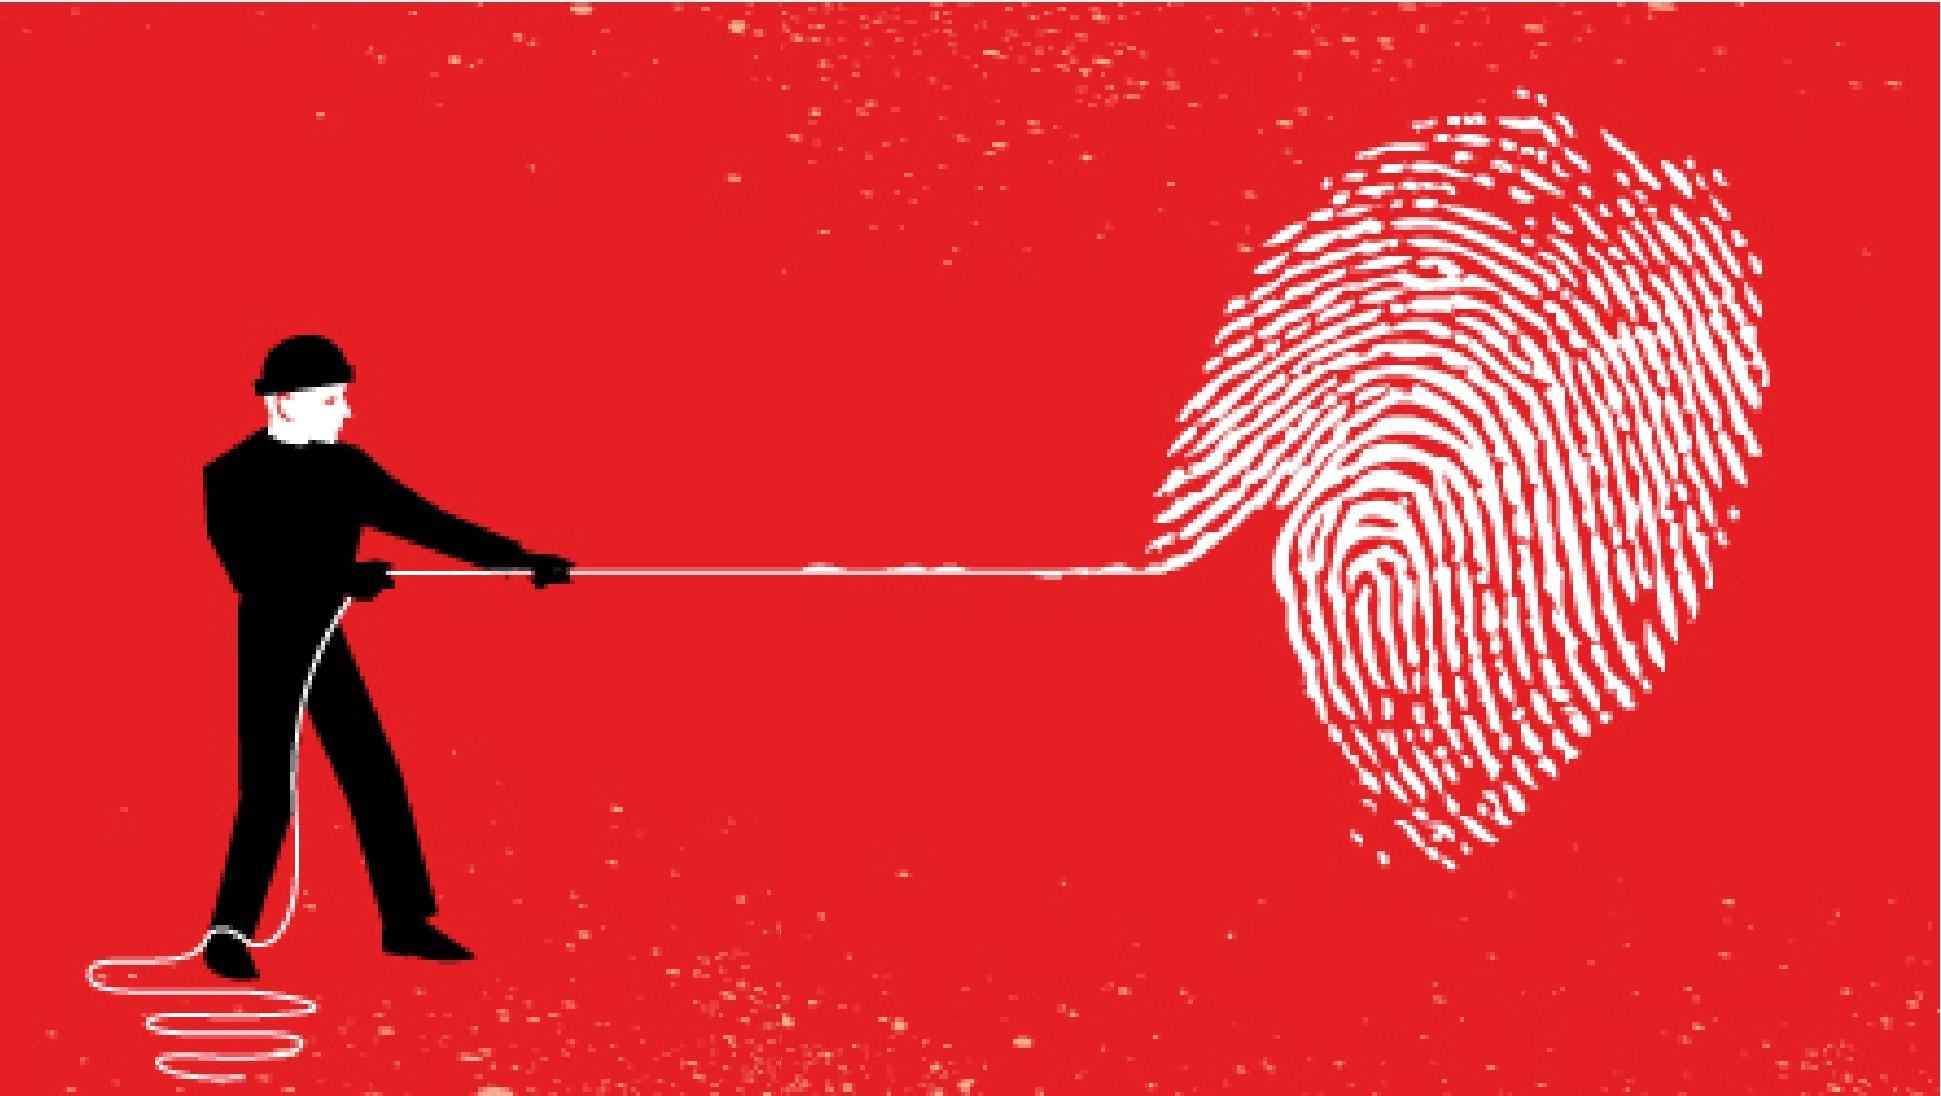 436 millones de pesos fueron reclamados a la banca comercial por robo de identidad durante el primer semestre de 2016.